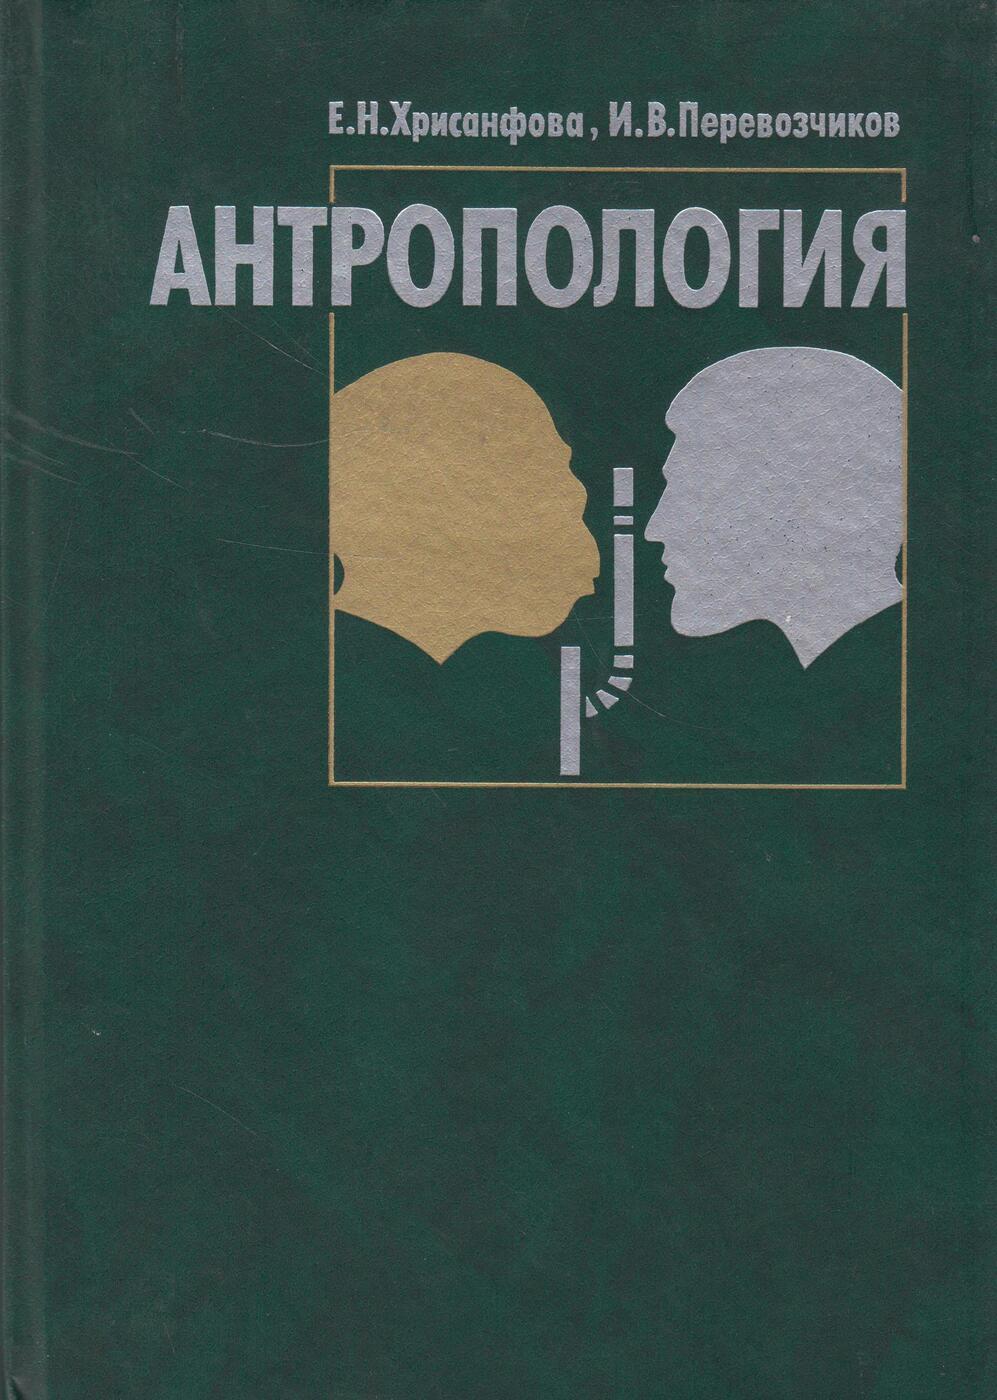 Антропология. Хрисанфова Елена Никол